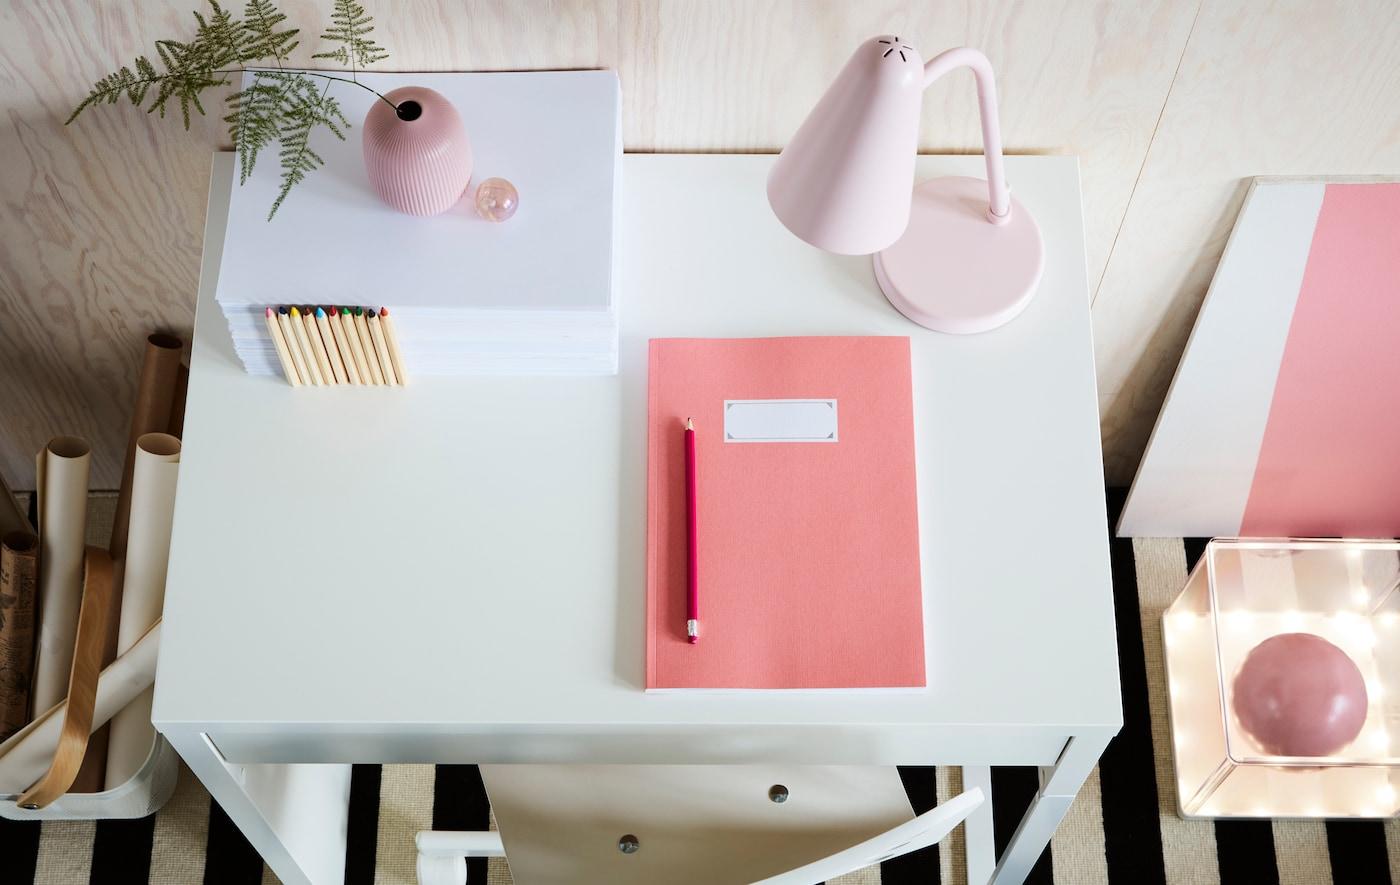 Auf in unsere toll gestalteten Kinderzimmer! Den Anfang macht ein funktioneller weißer Schreibtisch wie z. B. MICKE Schreibtisch!